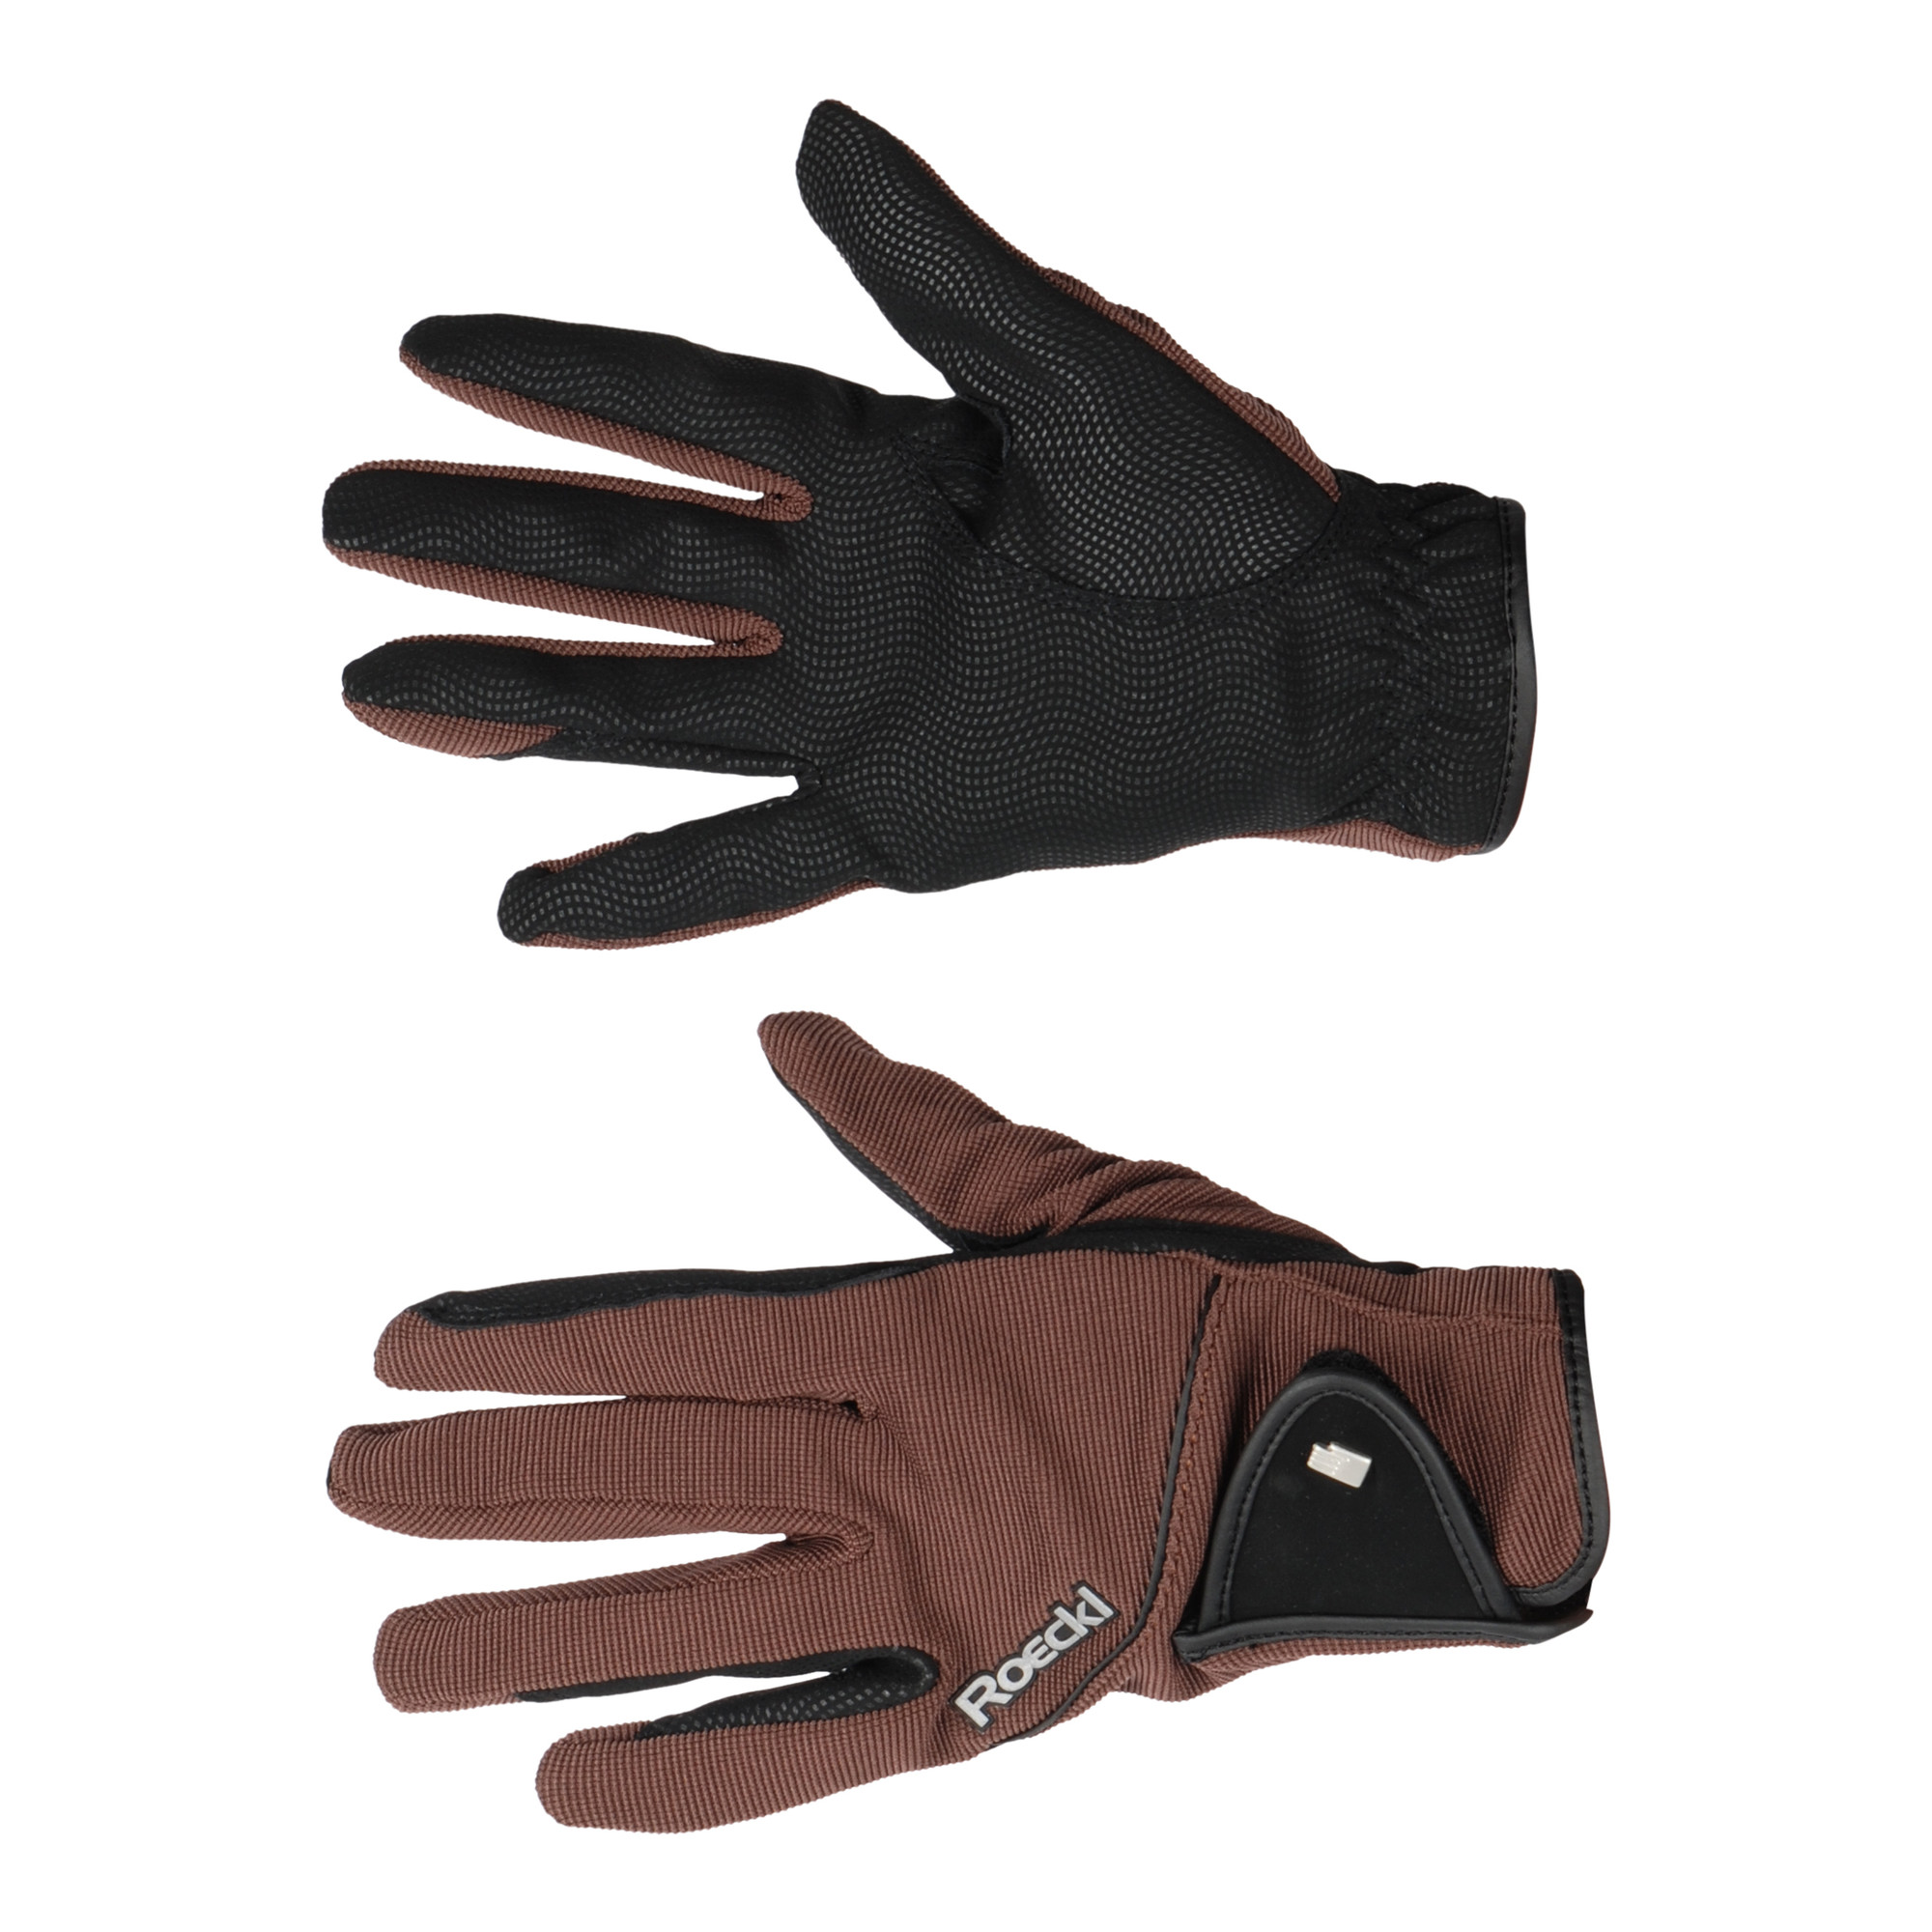 Roeckl Milano handschoenen donkerbruin maat:8,5